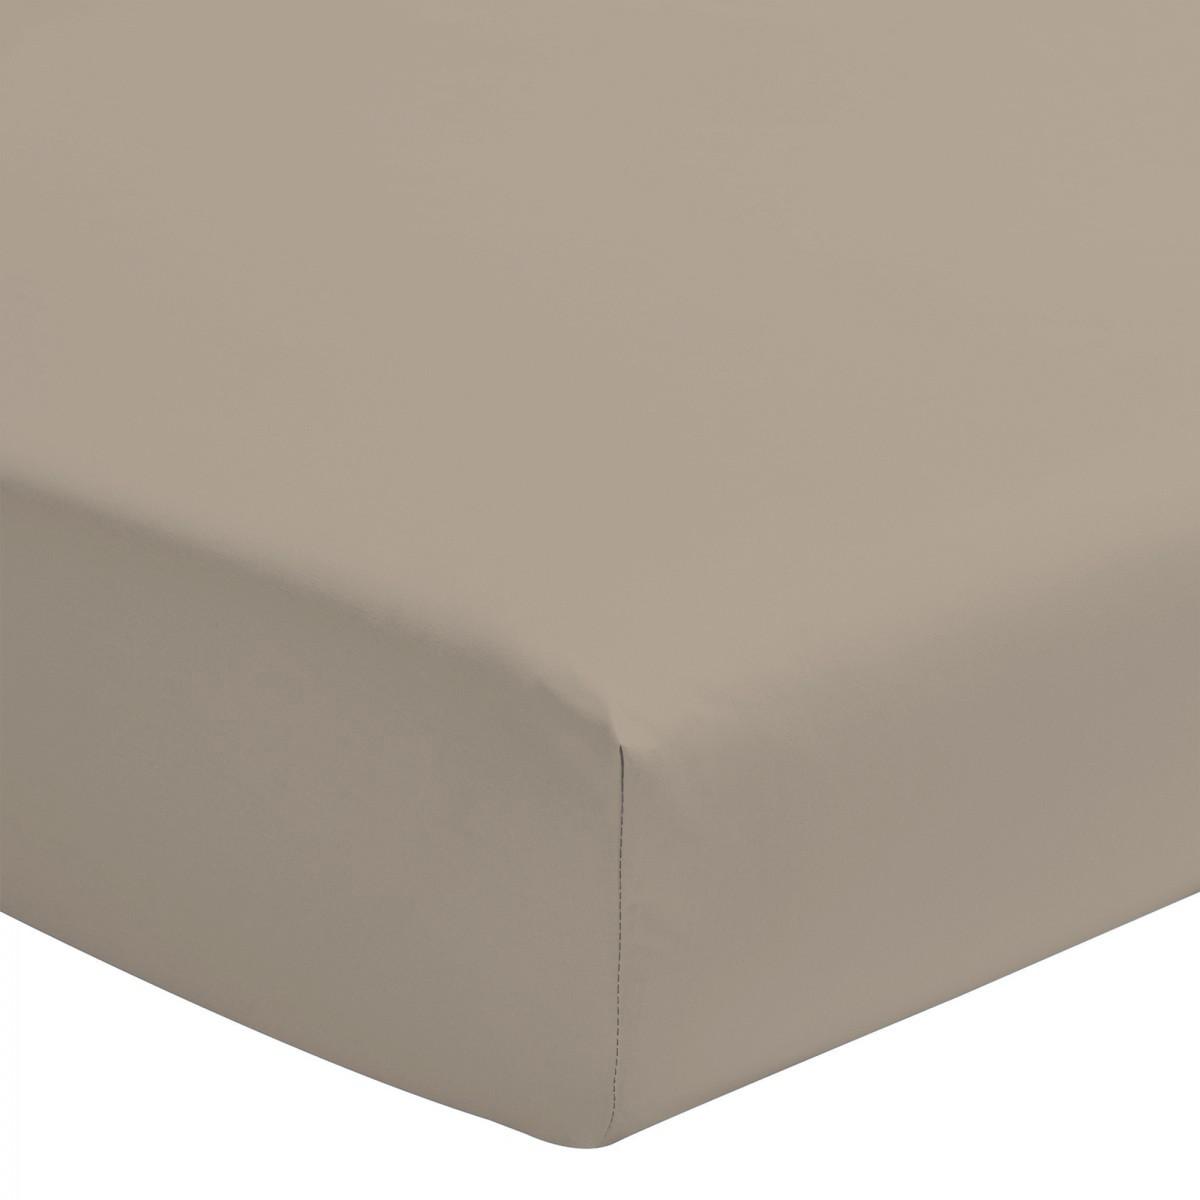 Drap Housse Uni 100% Coton Bonnet 25cm Beige Foncé 160x200cm